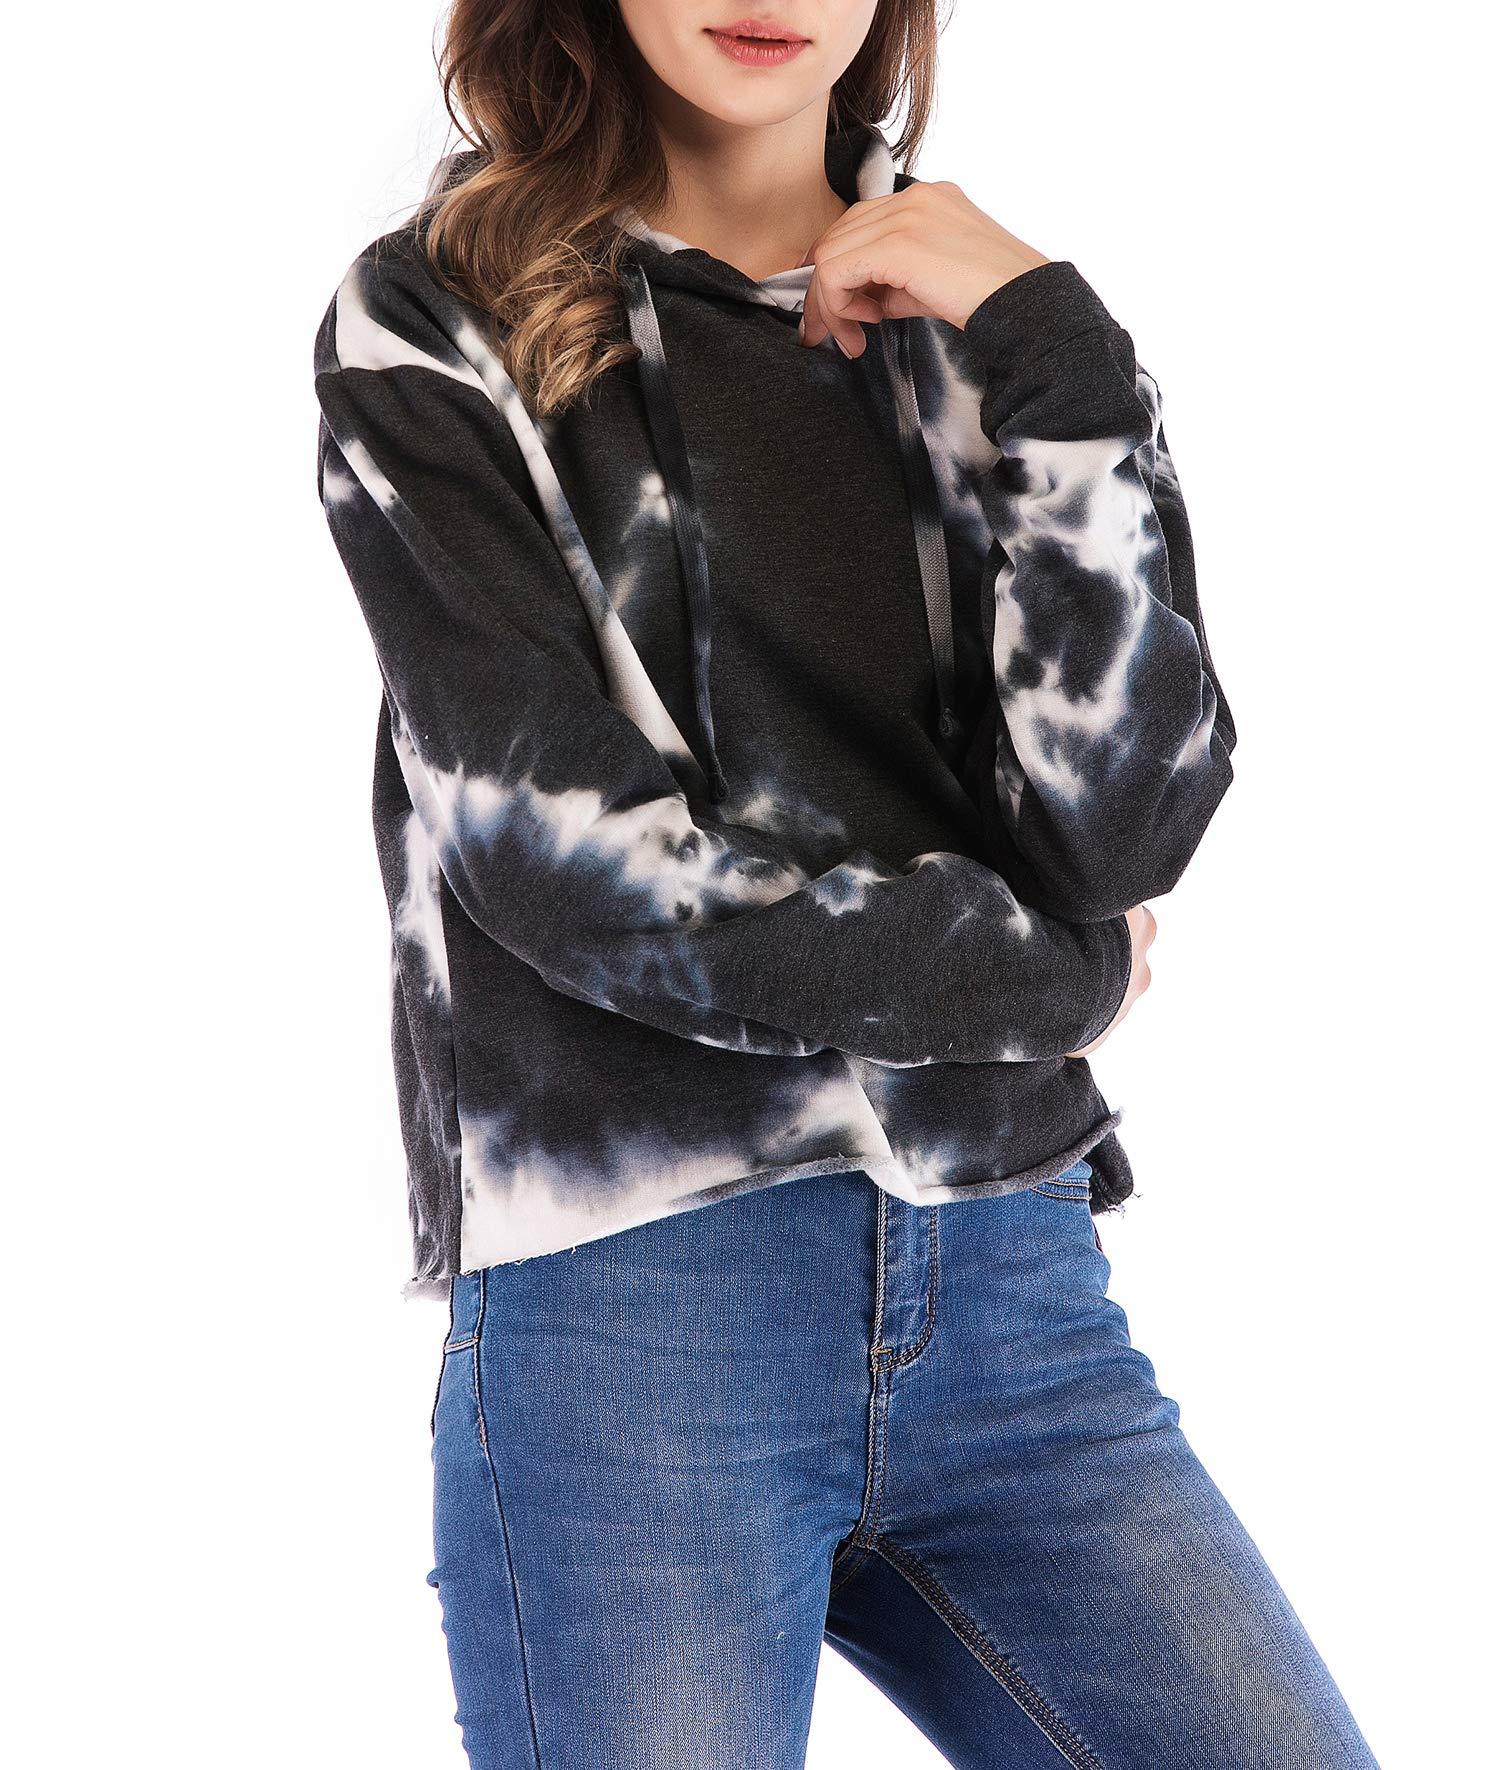 Eanklosco Womens Casual Long Sleeve Tie Dye Hoody (Black, L)